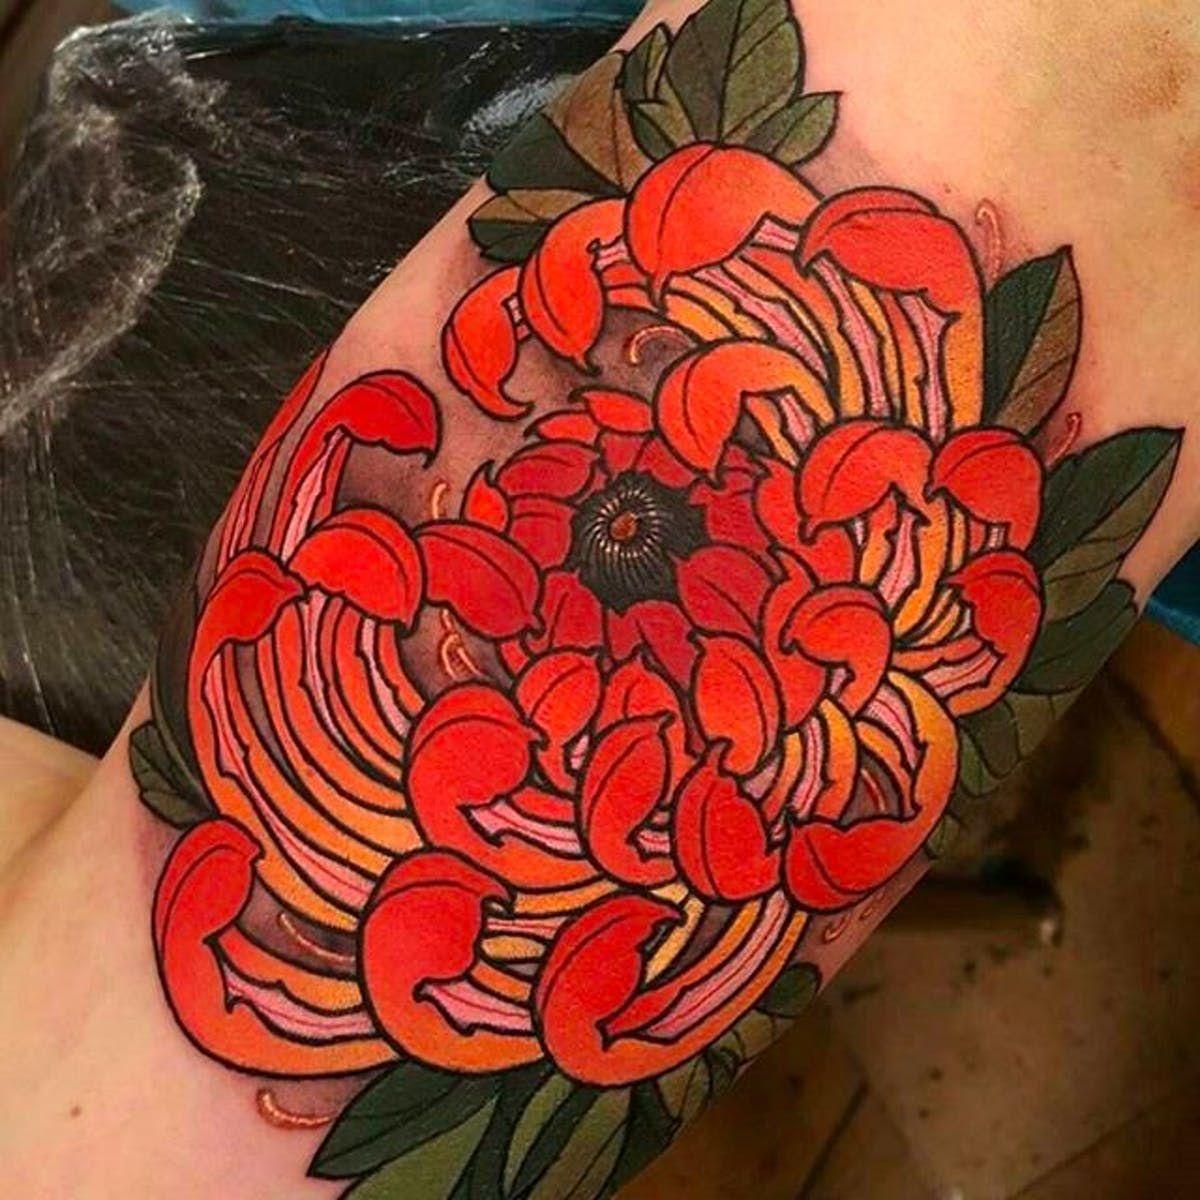 Clean And Elegant Looking Chrysanthemum Tattoo Elliottwells Chrysanthemum Flower Oriental Chrysanthemum Tattoo Japanese Flower Tattoo Tattoos